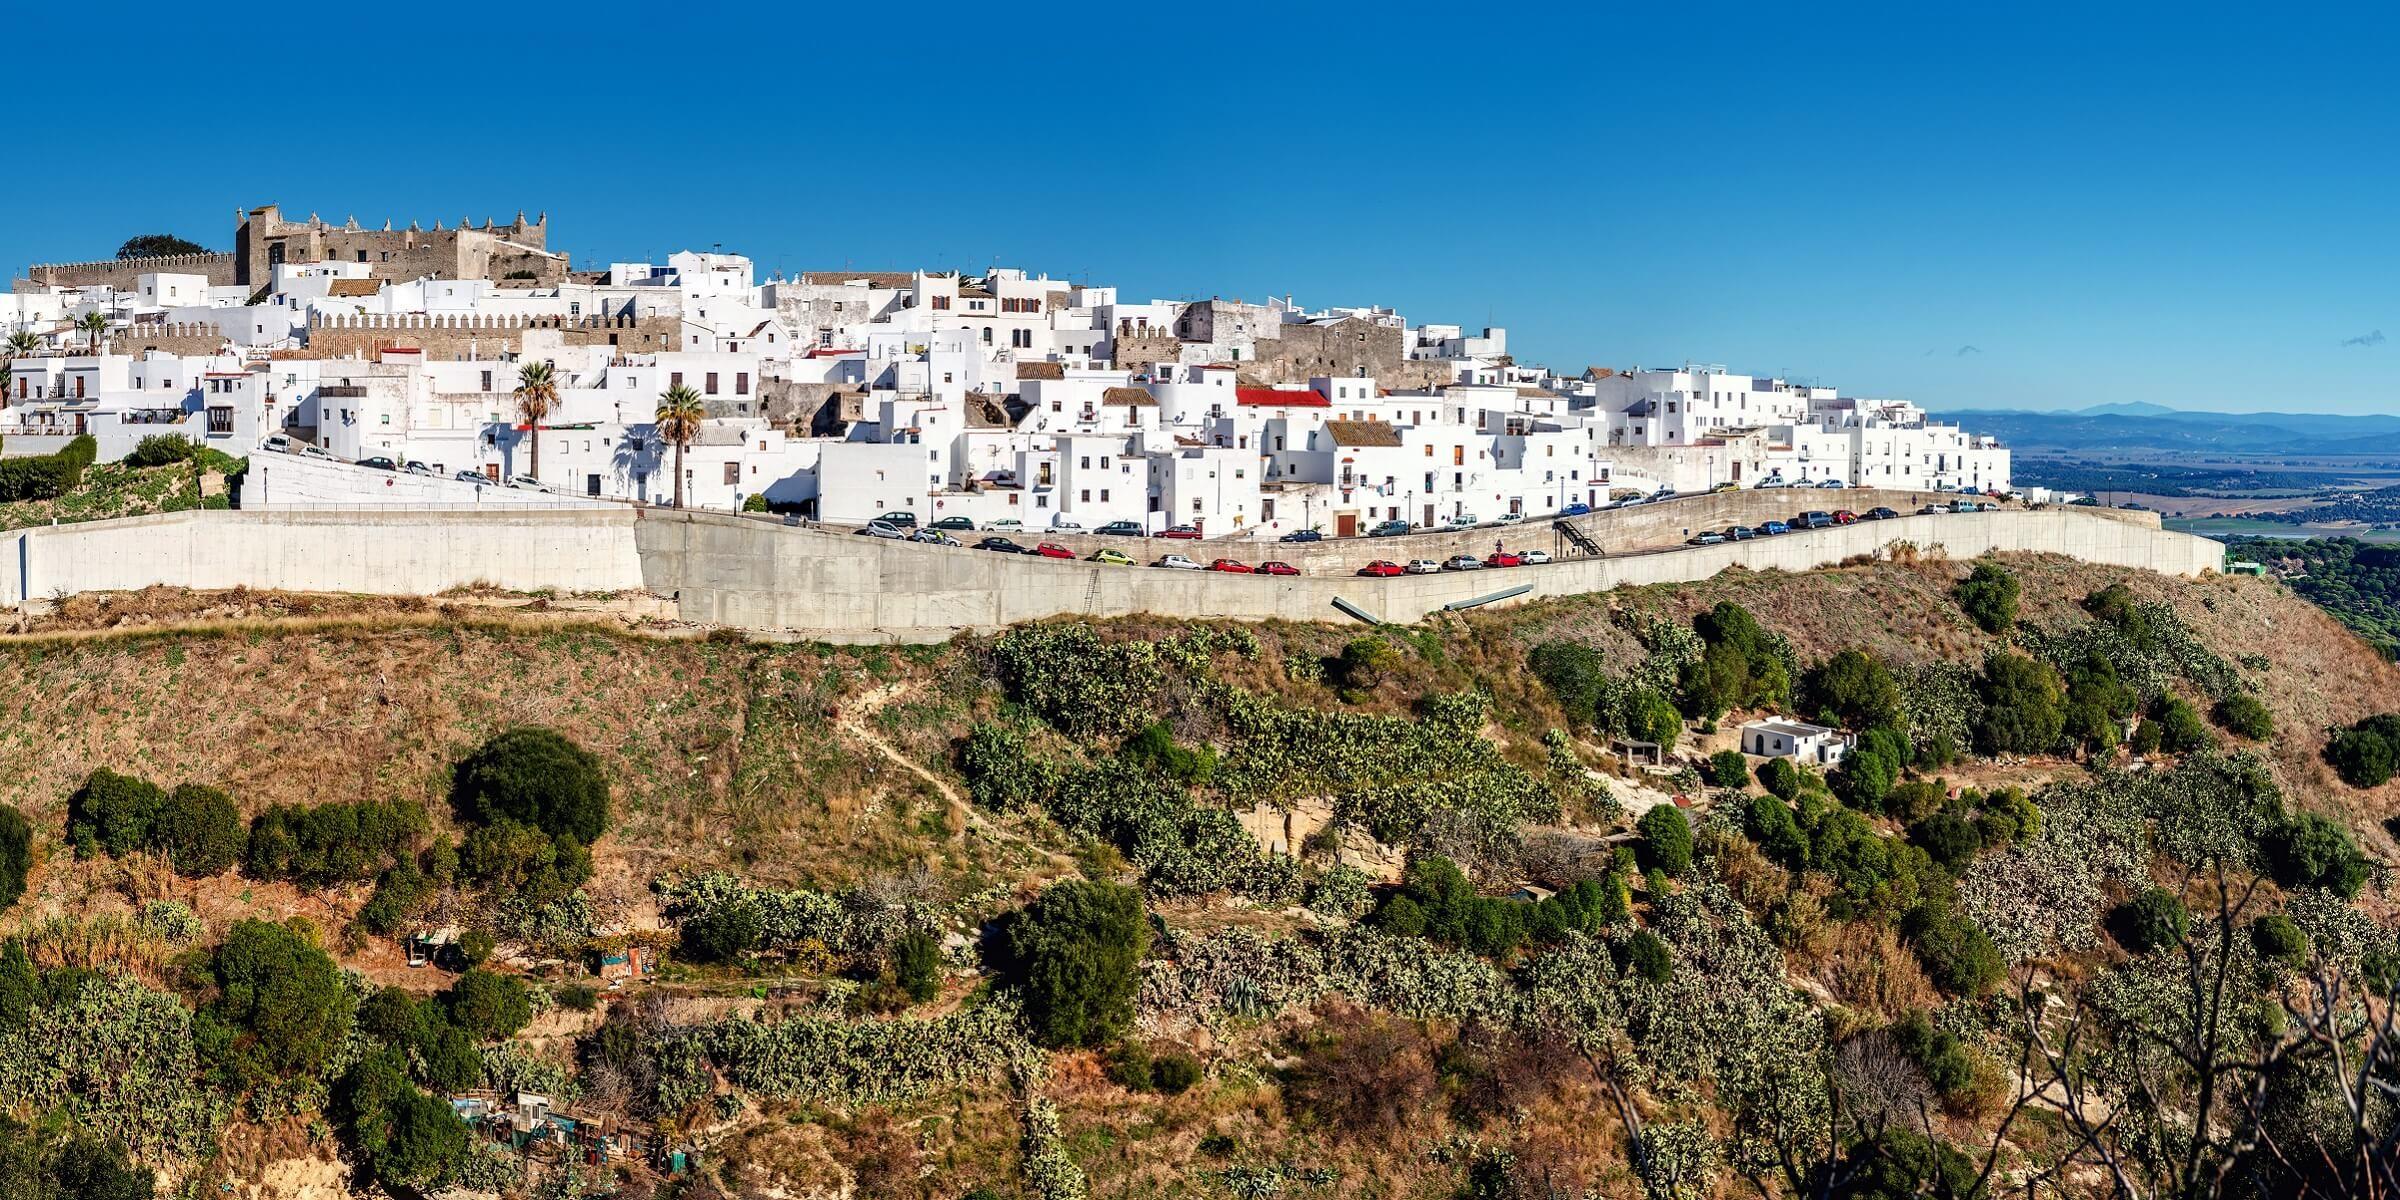 Die weißen Dörfer von Vejar de la Frontera in Andalusien sind einzigartig